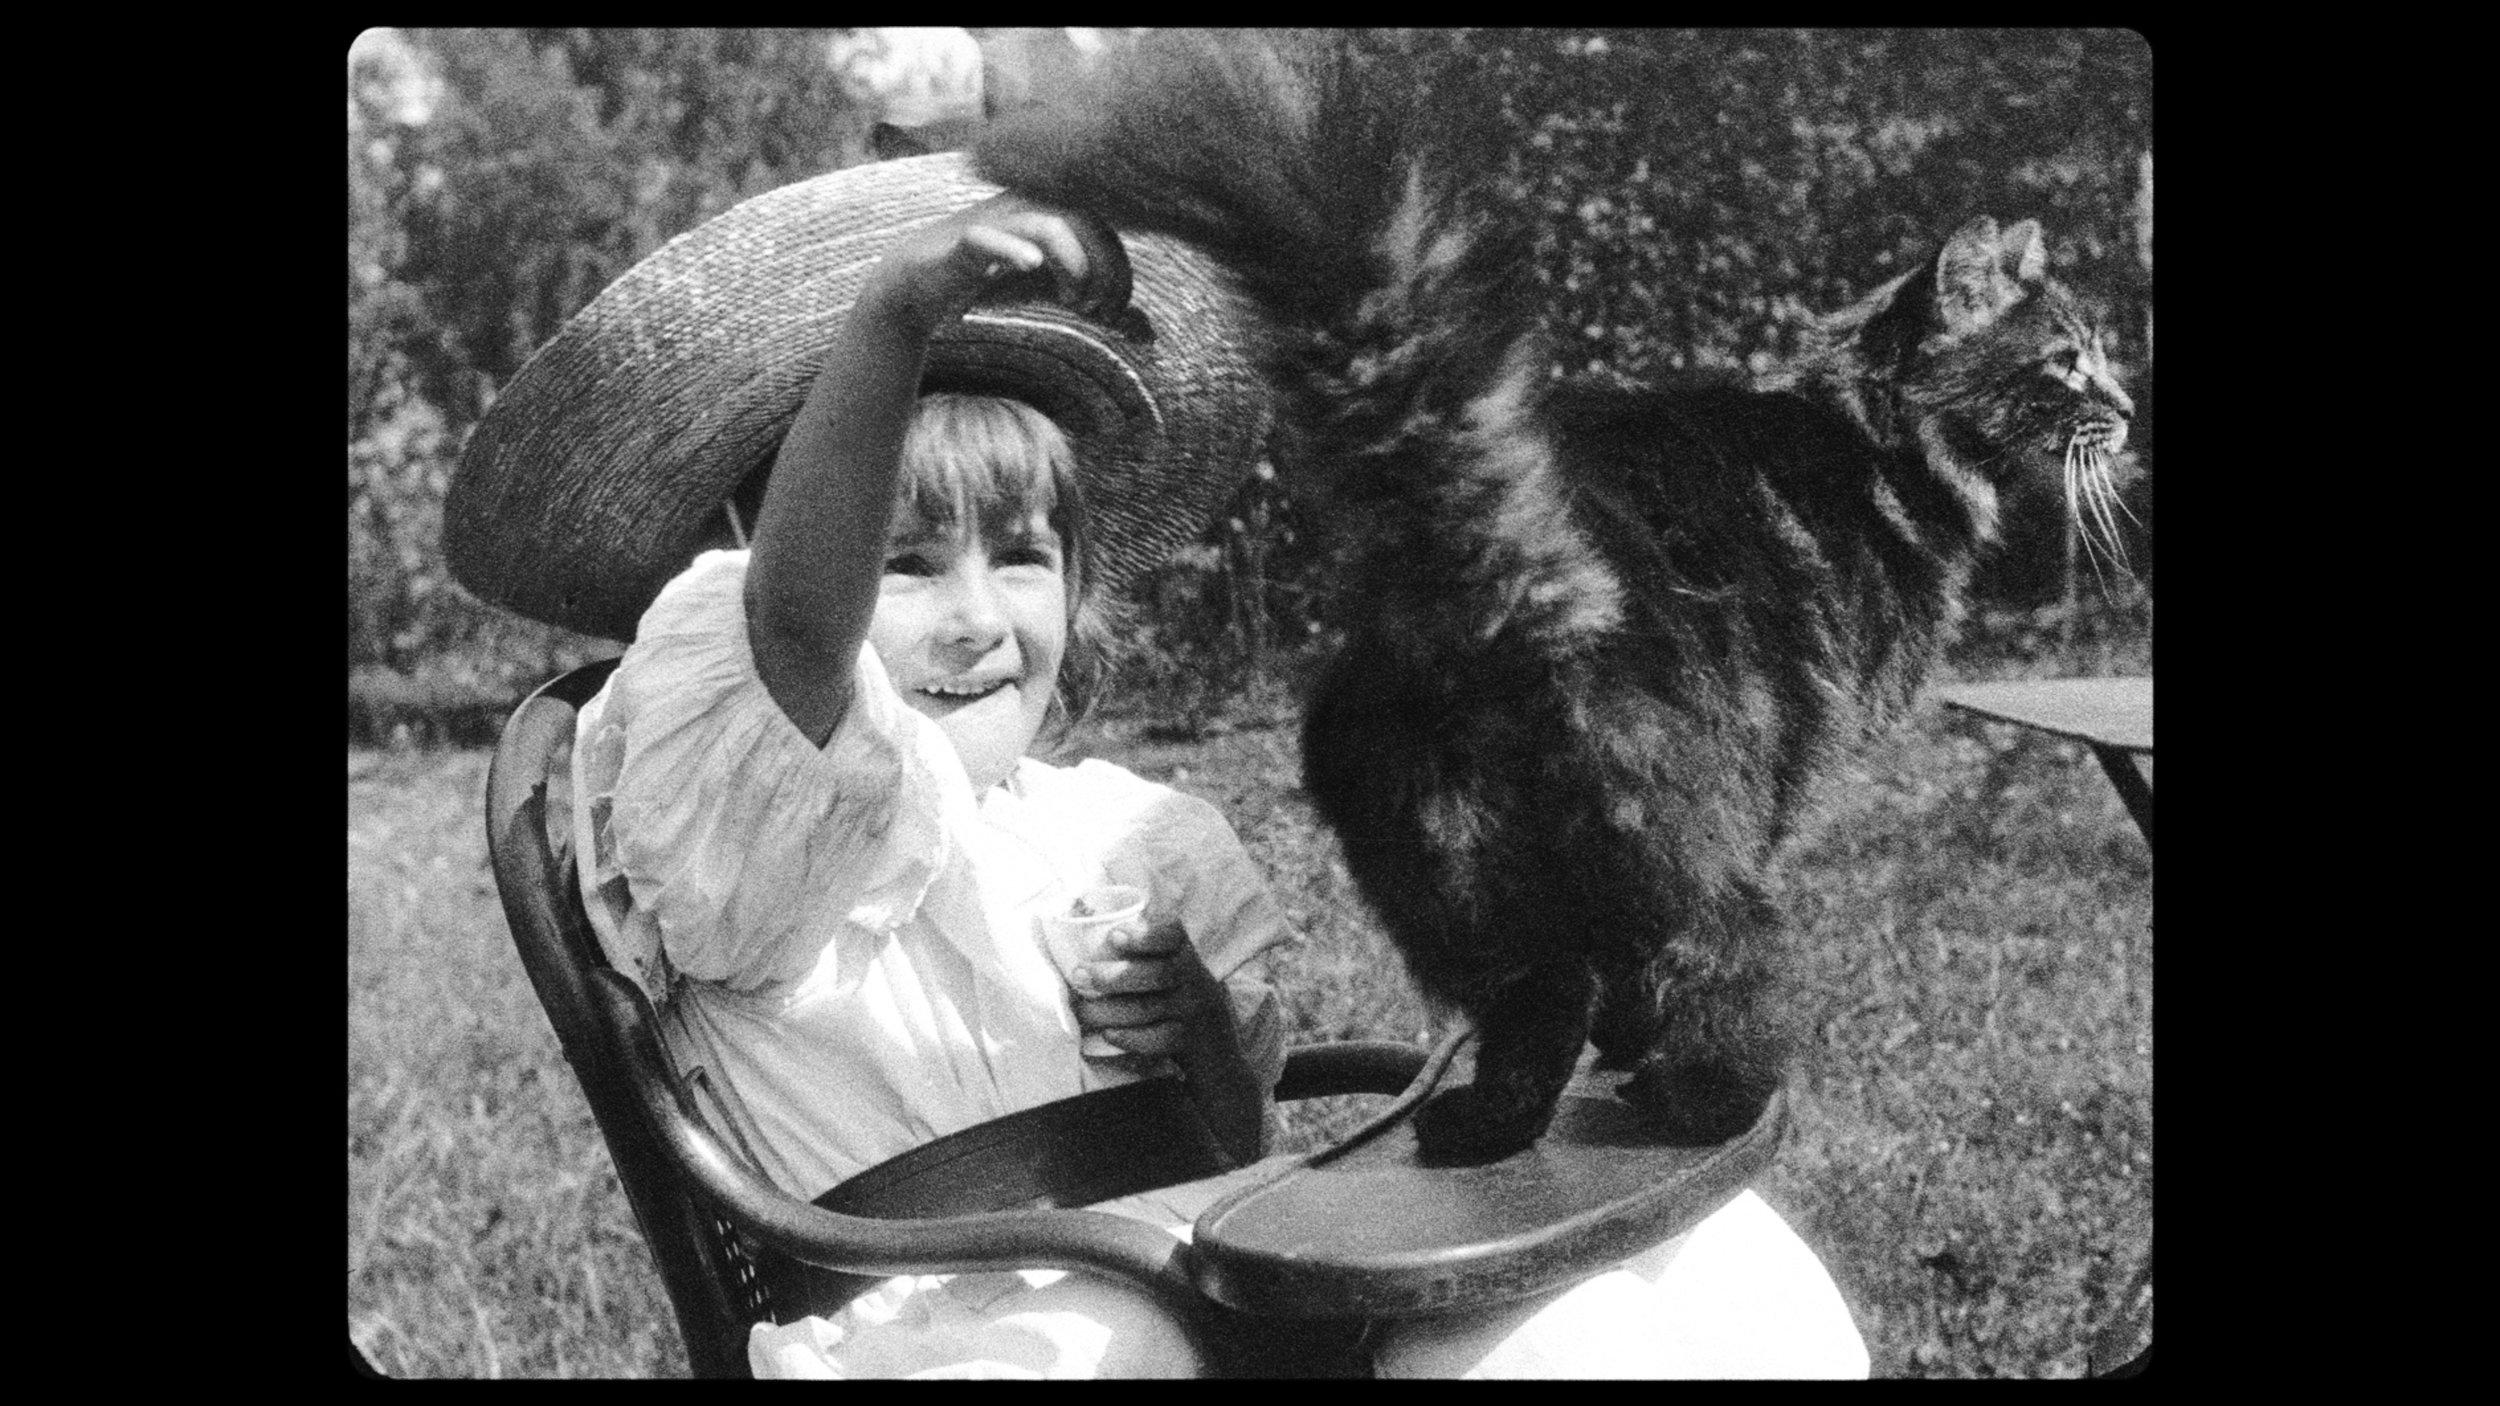 I et livlig opptak får vi se Lumières niese mate husets katt helt til den klorer henne.